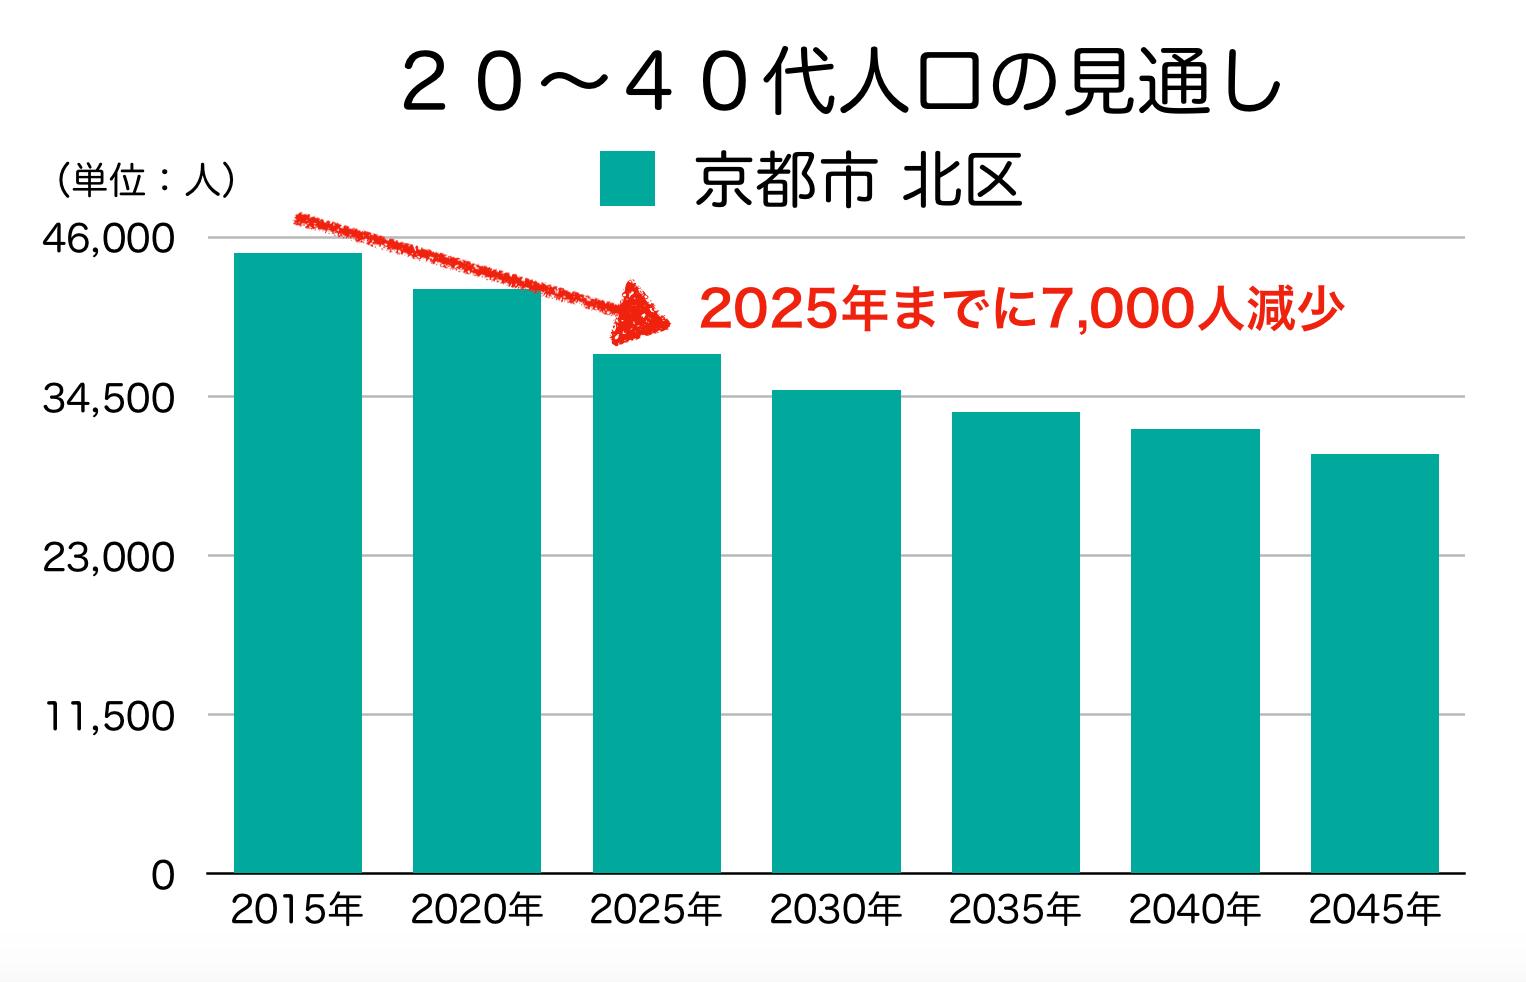 京都市北区の20〜40代人口